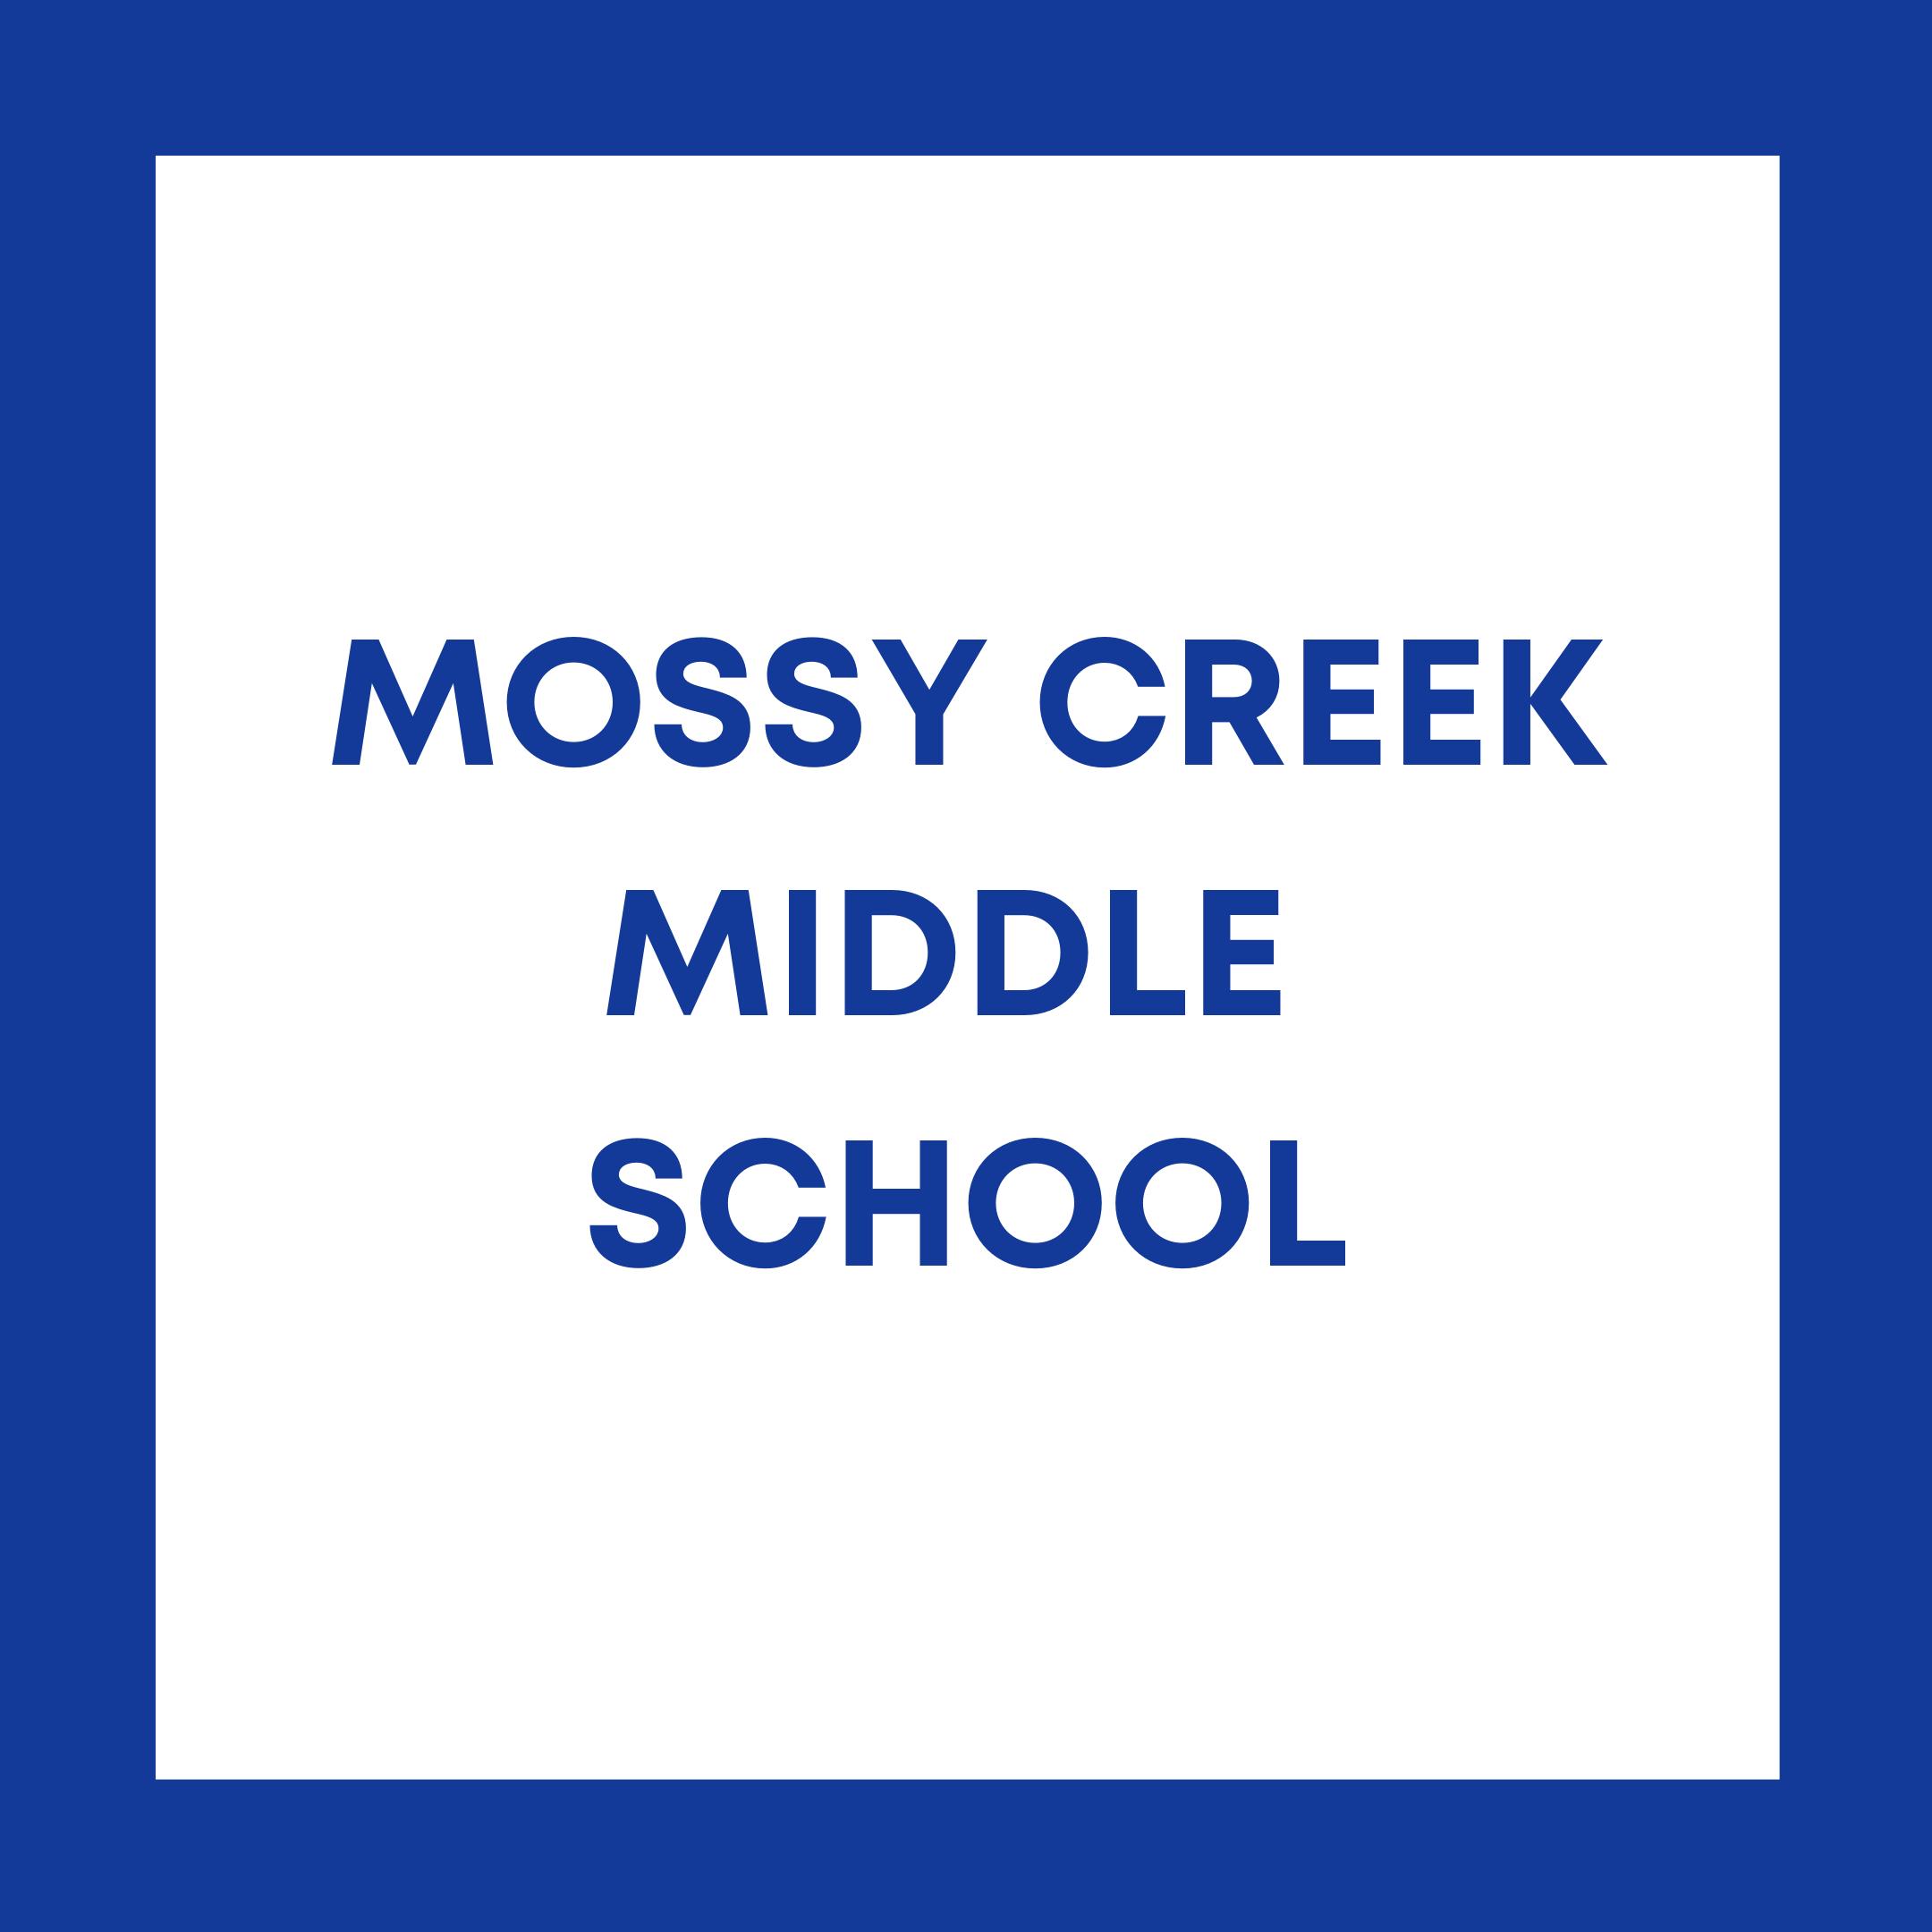 Mossy Creek Middle School